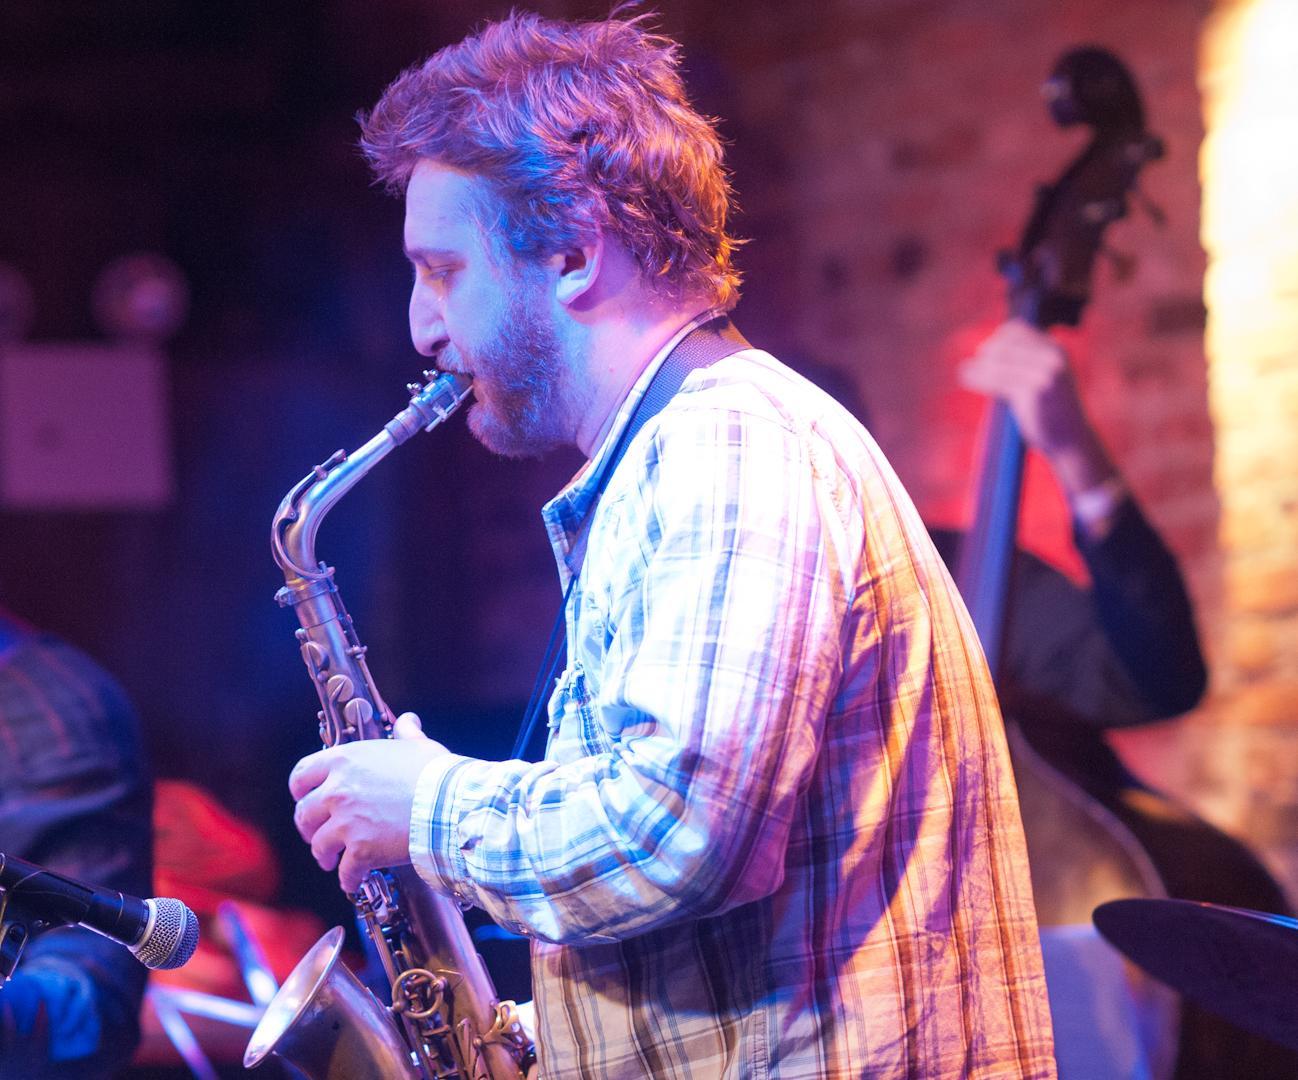 Loren Stillman with Tyshawn Sorey's Oblique at the Winter Jazzfest 2012